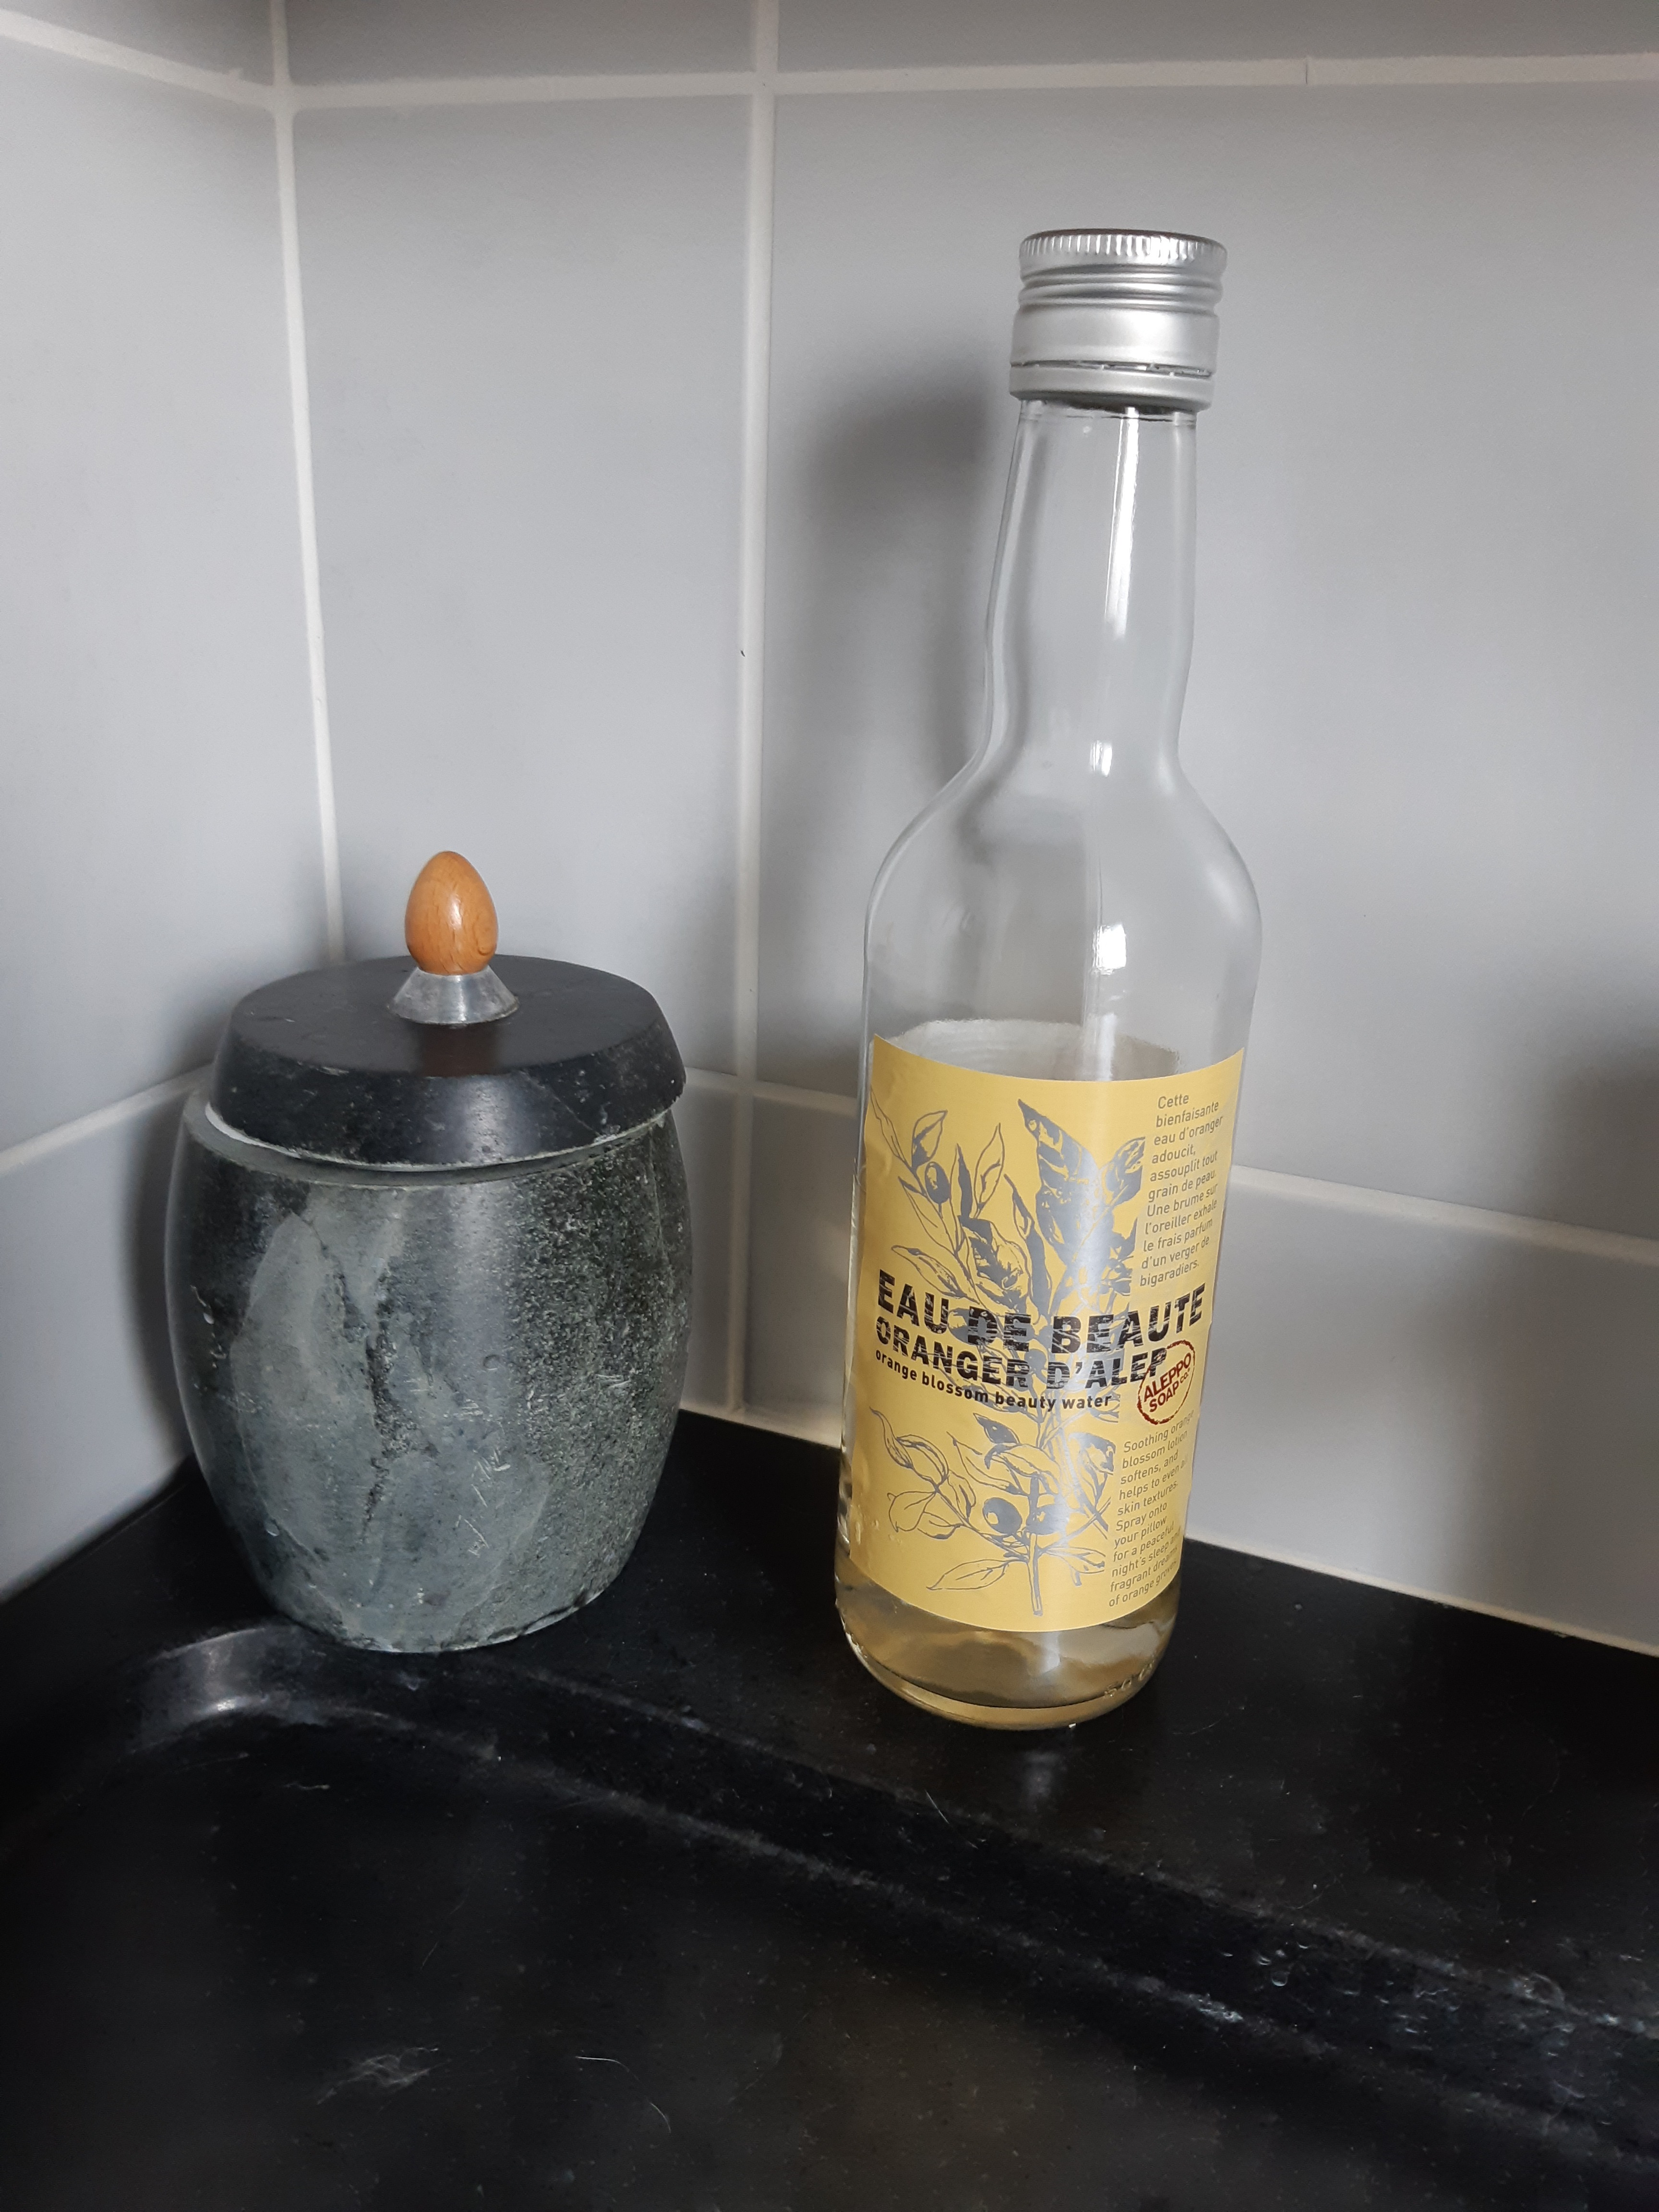 J'ai testé pour vous eau de beauté oranger d'alep